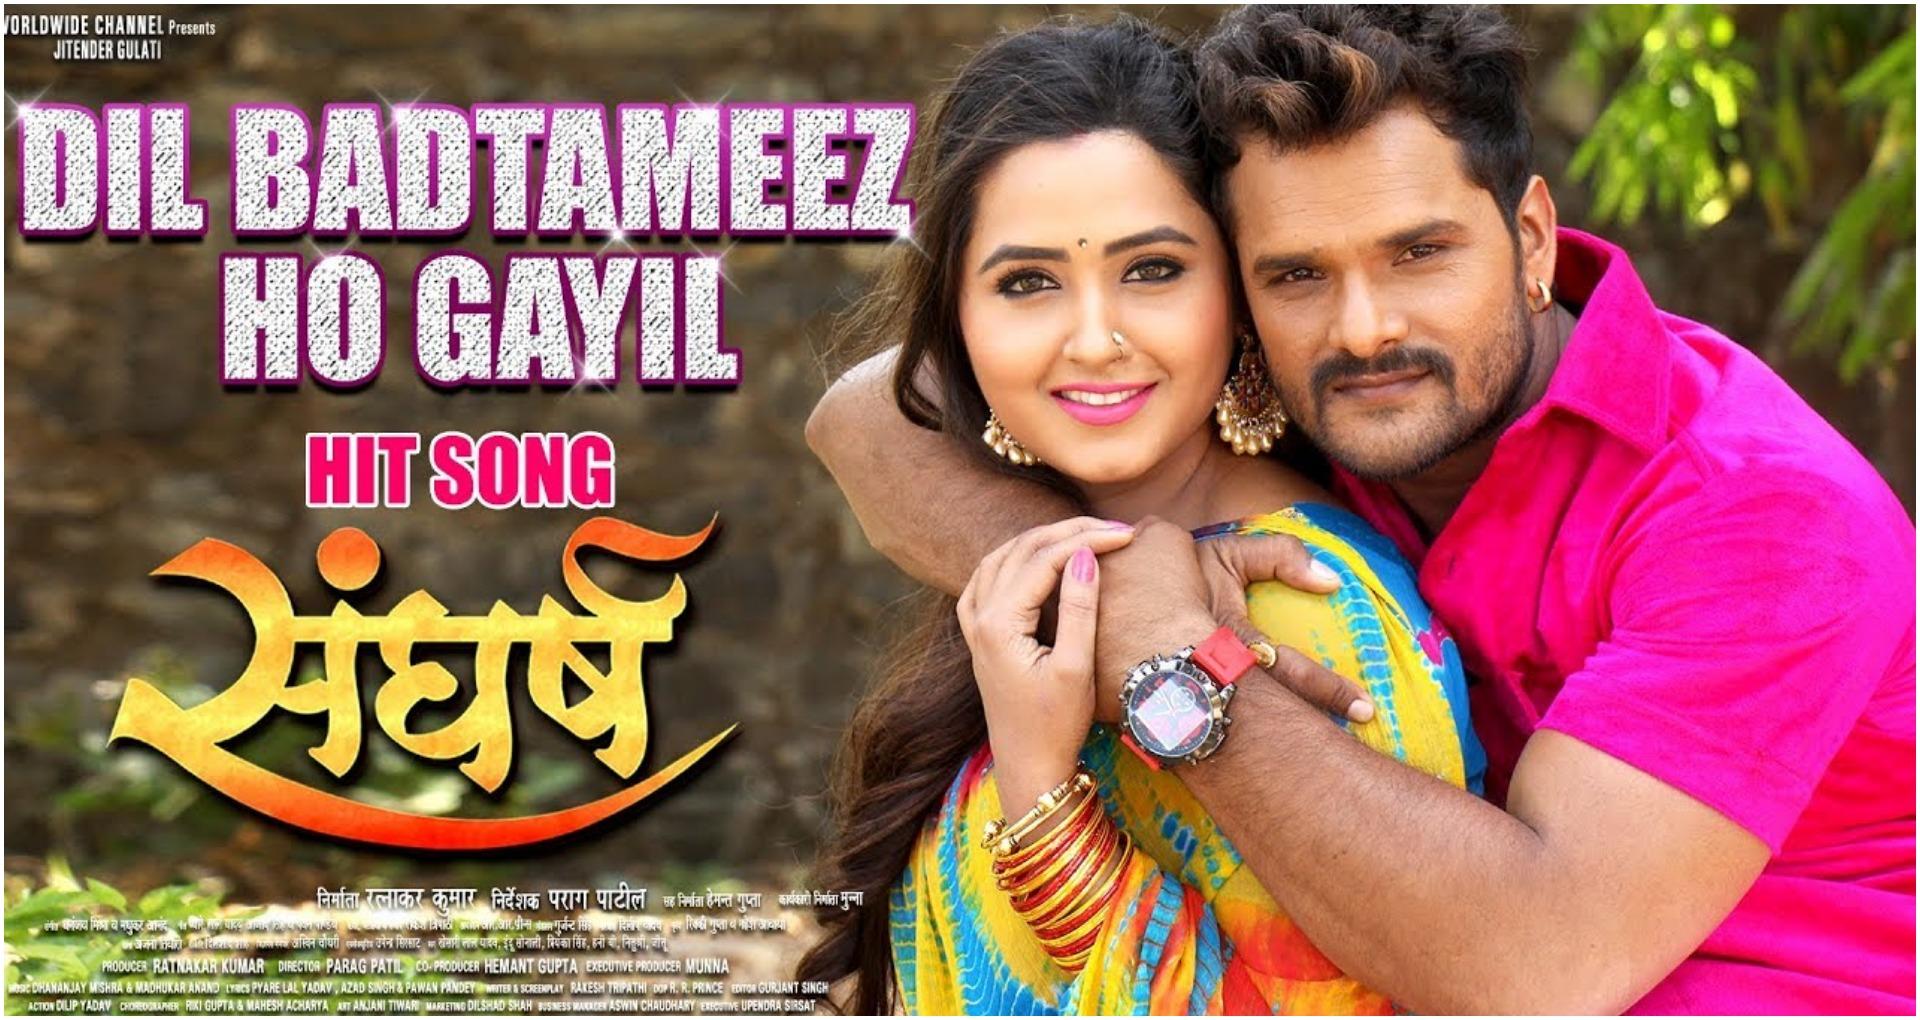 Khesari Lal Yadav Song: खेसारी लाल का गाना 'दिल बदतमीज हो गईल' हुआ वायरल, काजल के साथ कर रहे हैं रोमांस